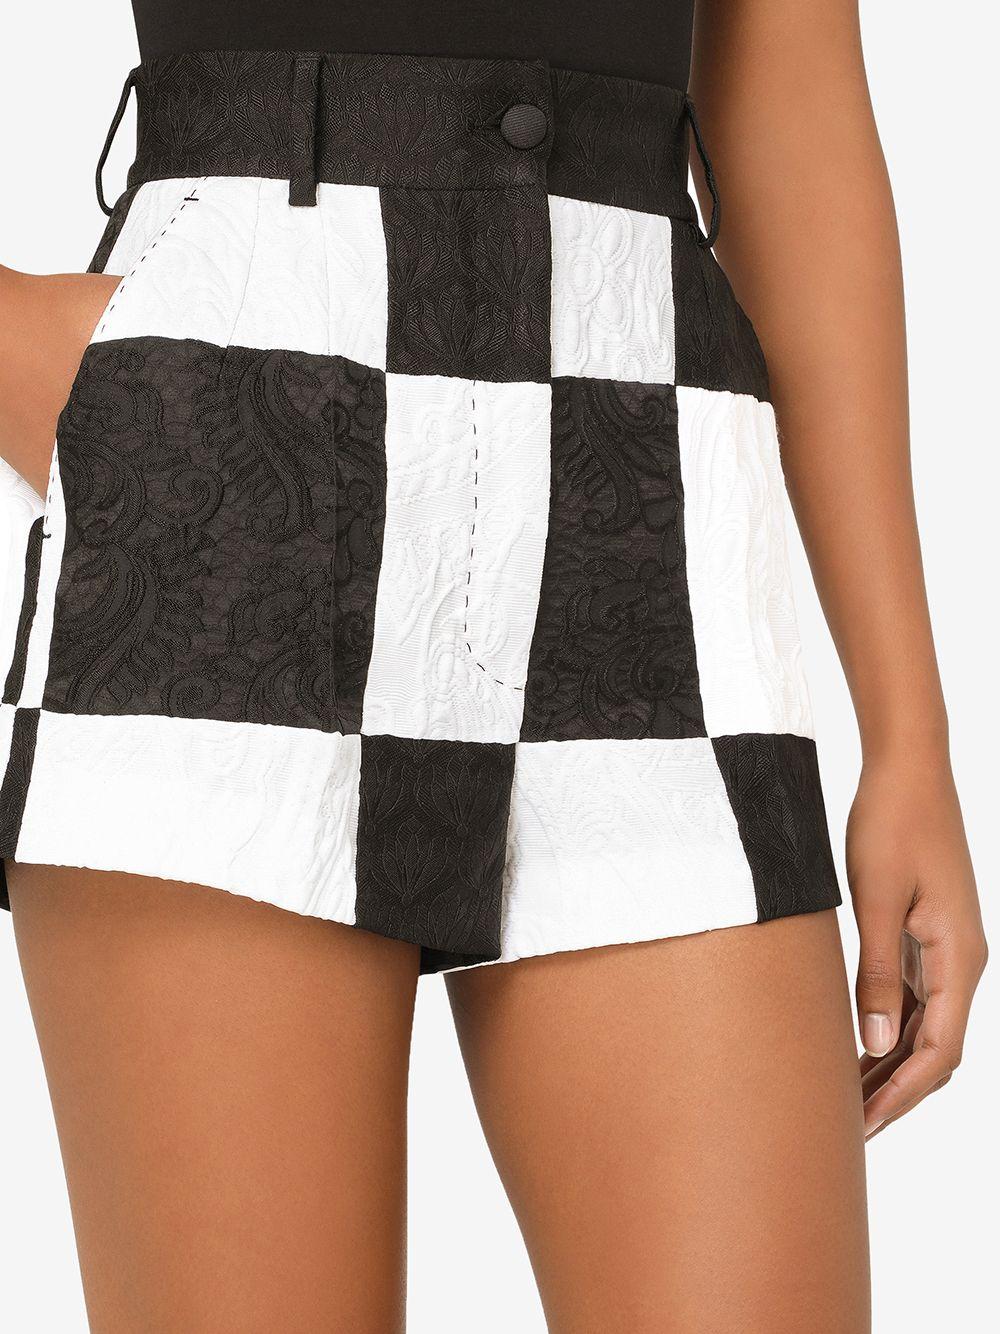 Dolce & Gabbana Damier Jacquard-Woven Shorts 1456лв